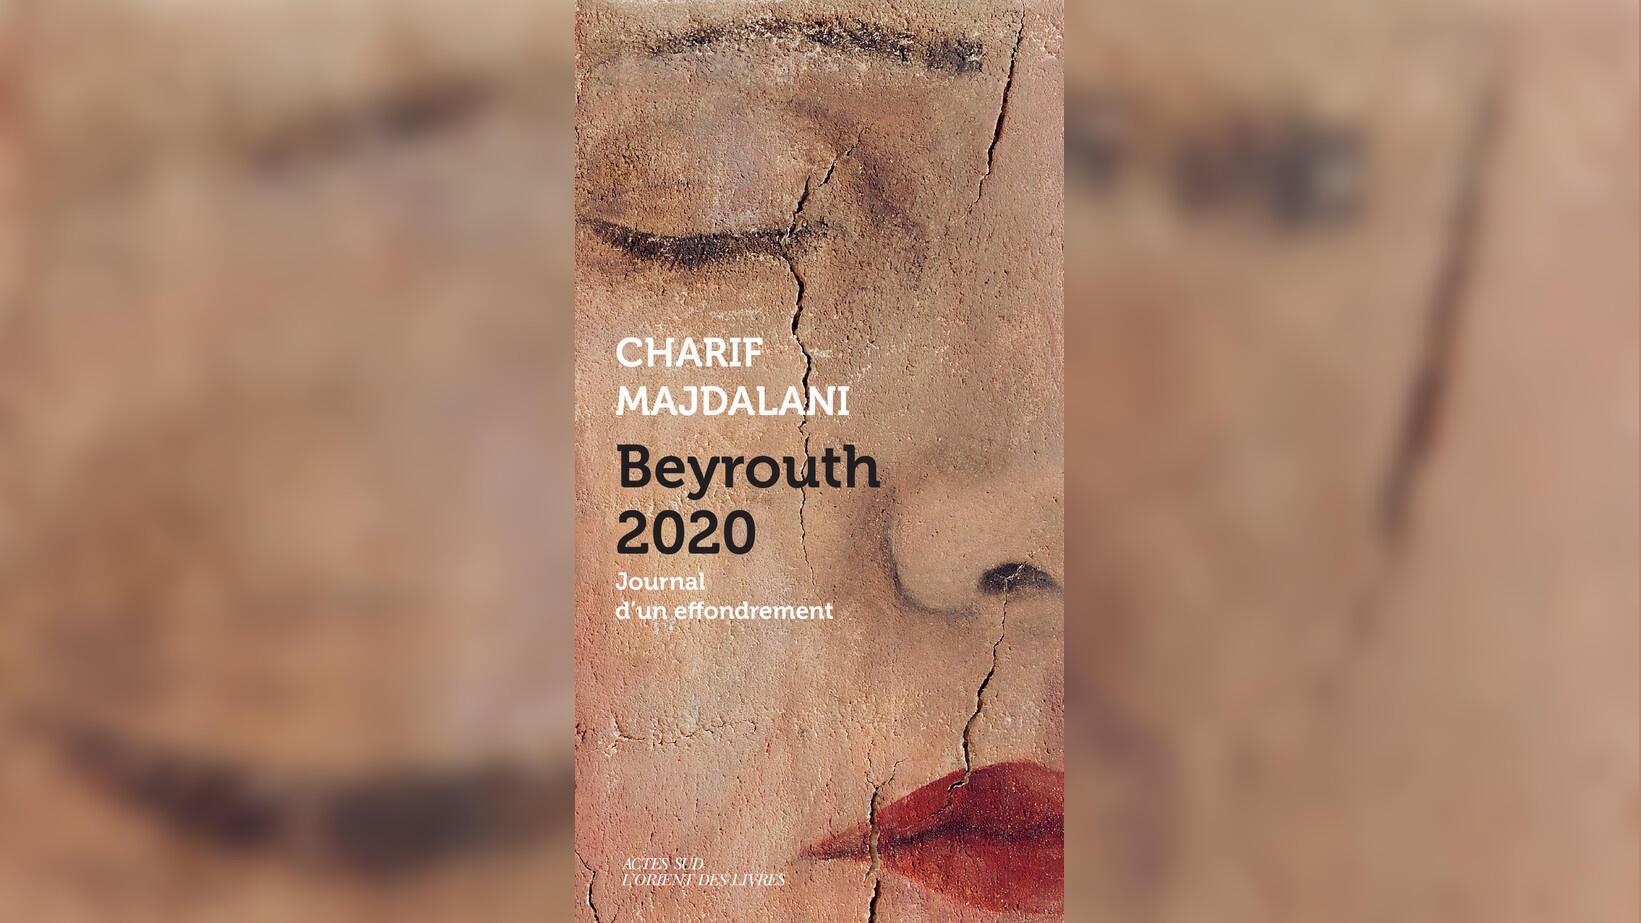 Livre inter : Couverture du livre «Beyrouth 2020 : journal d'un effondrement» de Charif Majdalani.